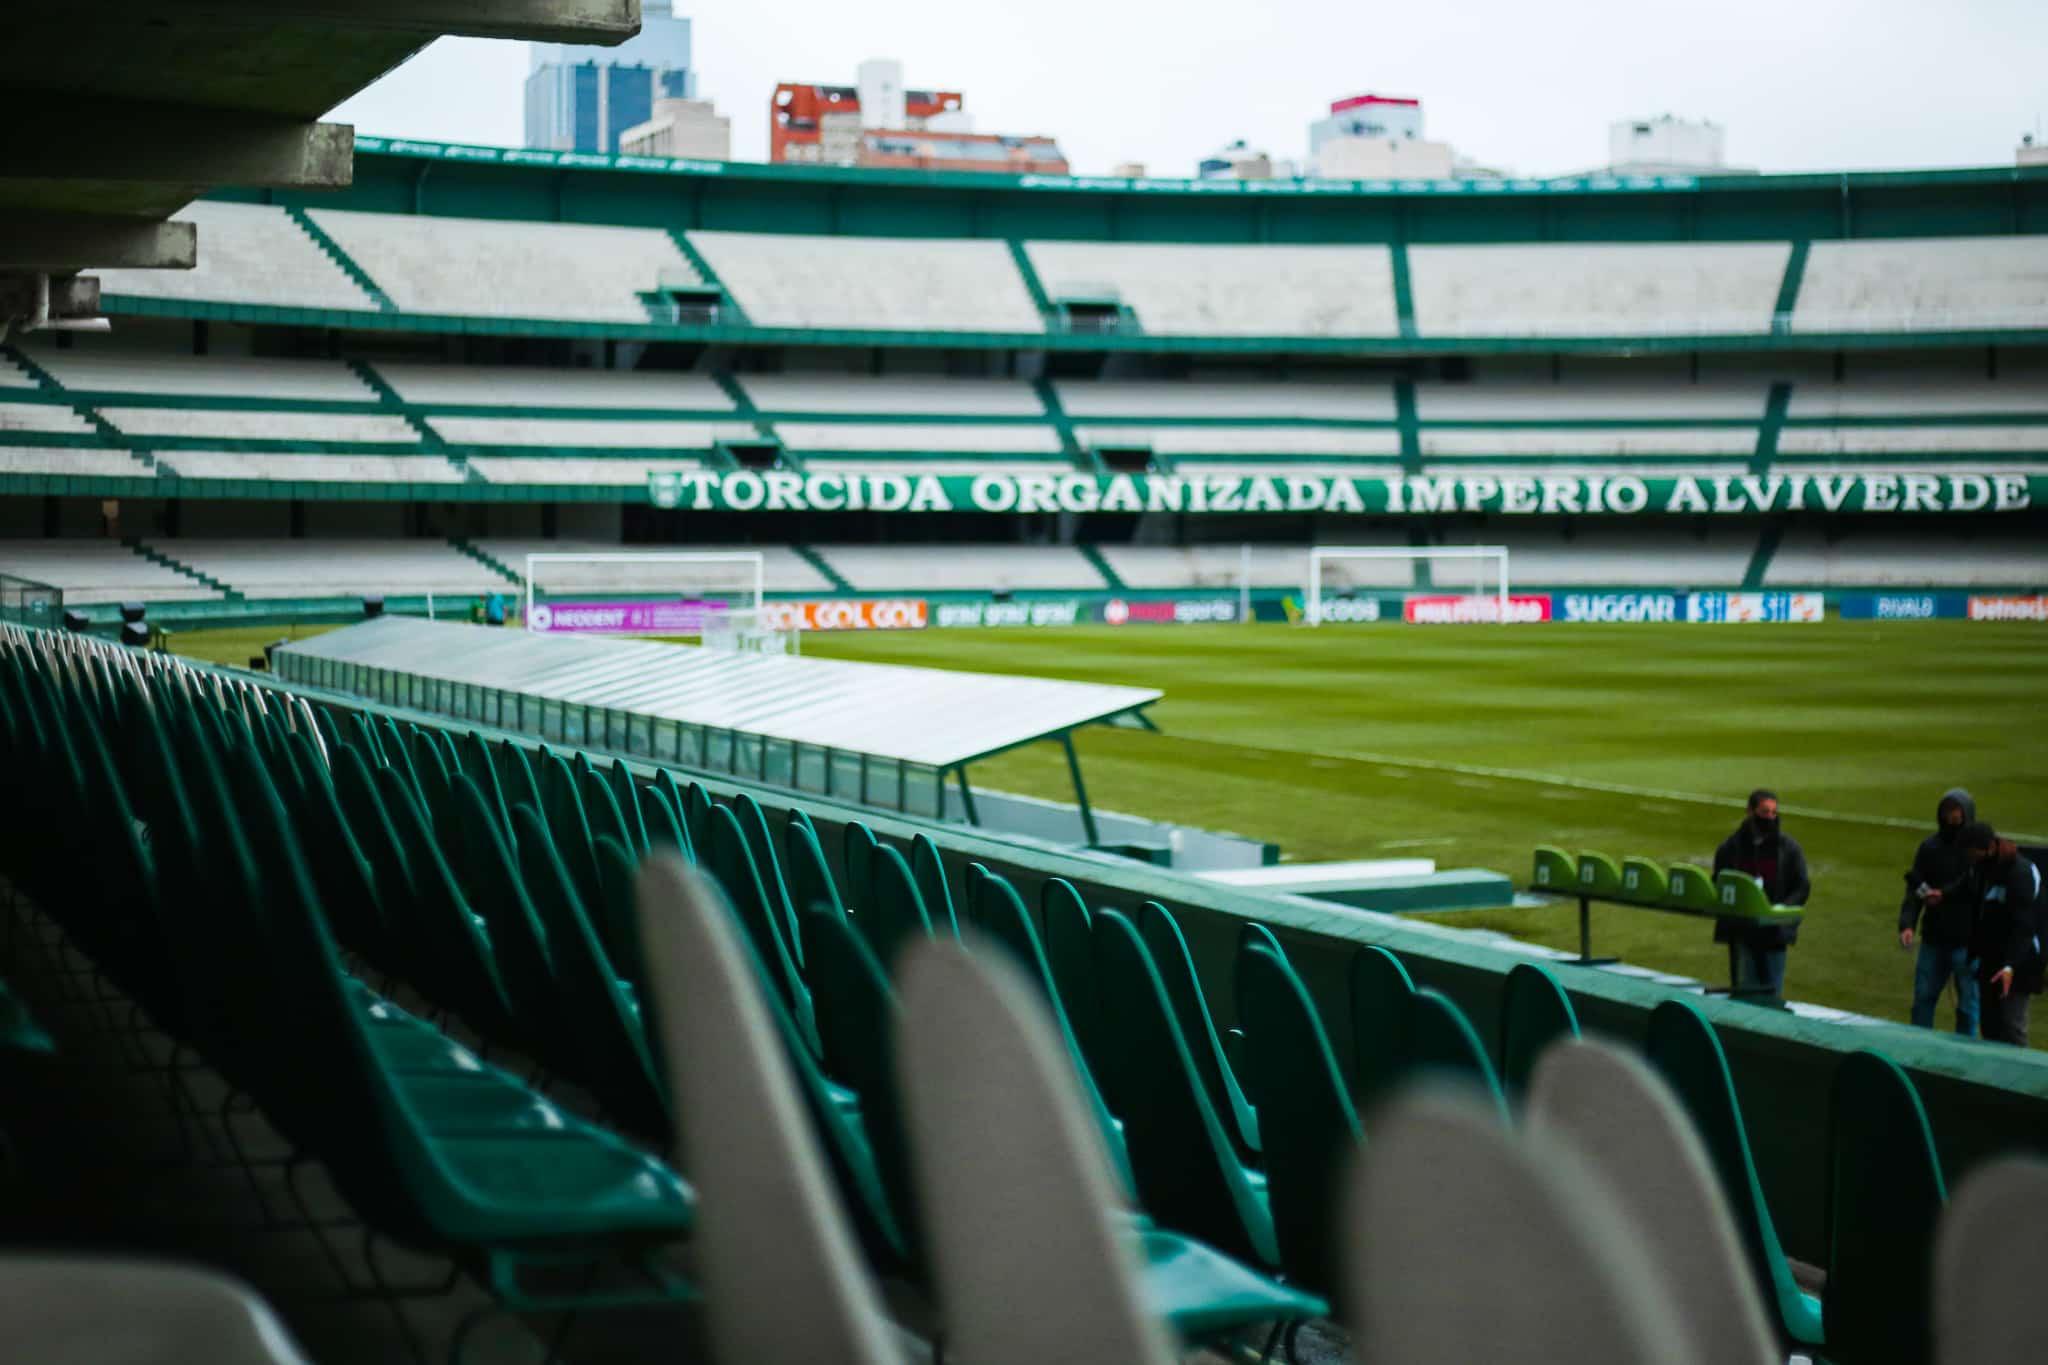 Com objetivos distintos, Coritiba e Cruzeiro se enfrentam na noite desta sexta-feira (08), às 21h30, no Estádio Couto Pereira, em Curitiba